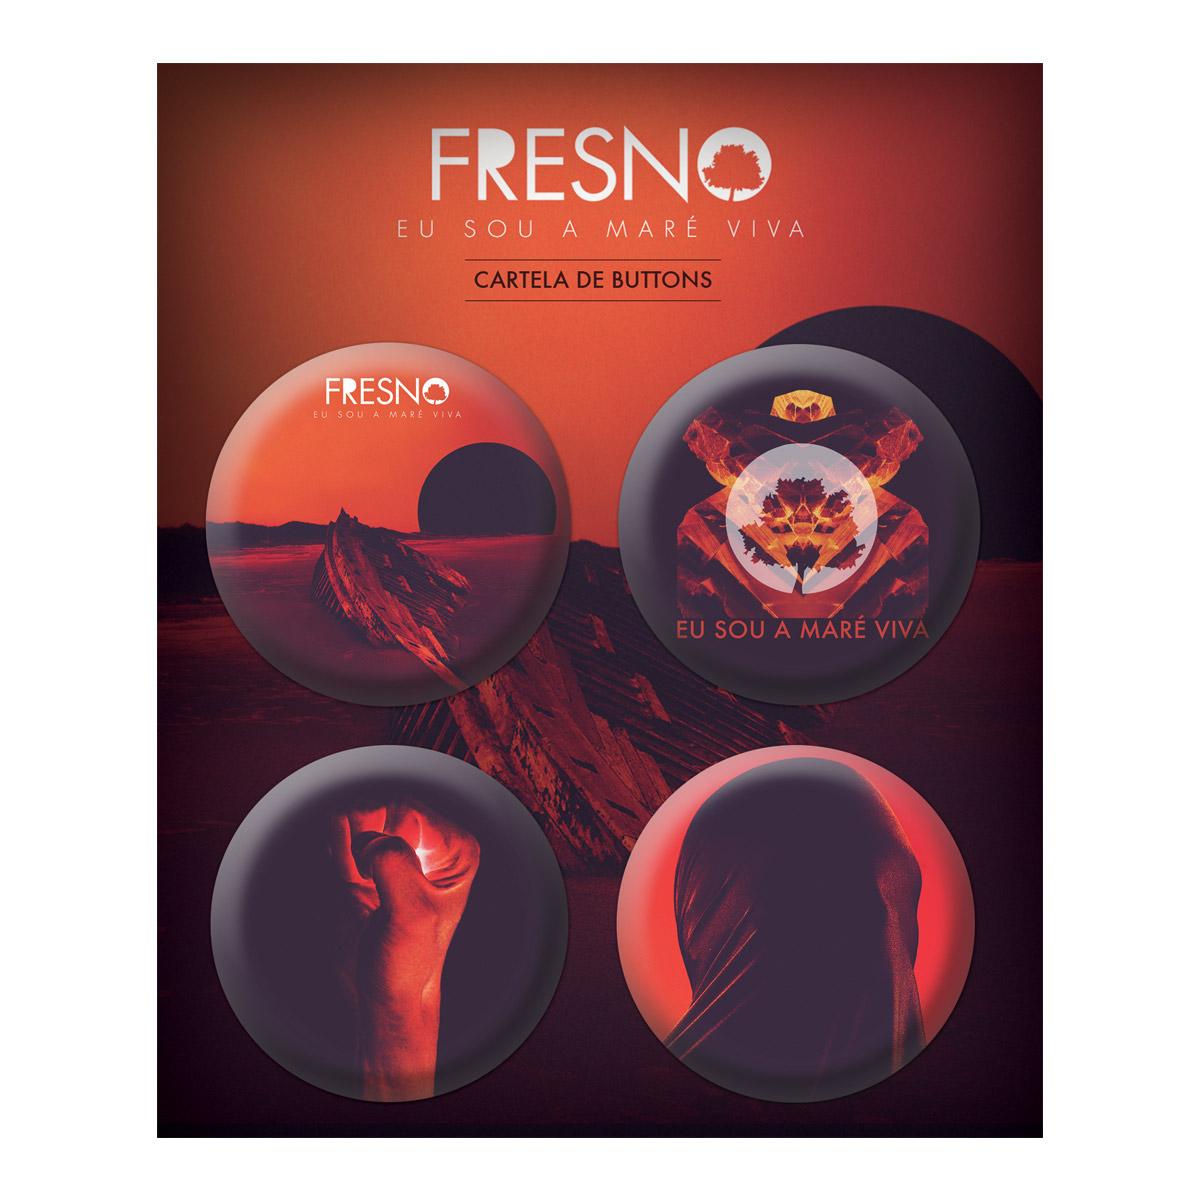 Cartela de Buttons Fresno Eu Sou a Maré Viva